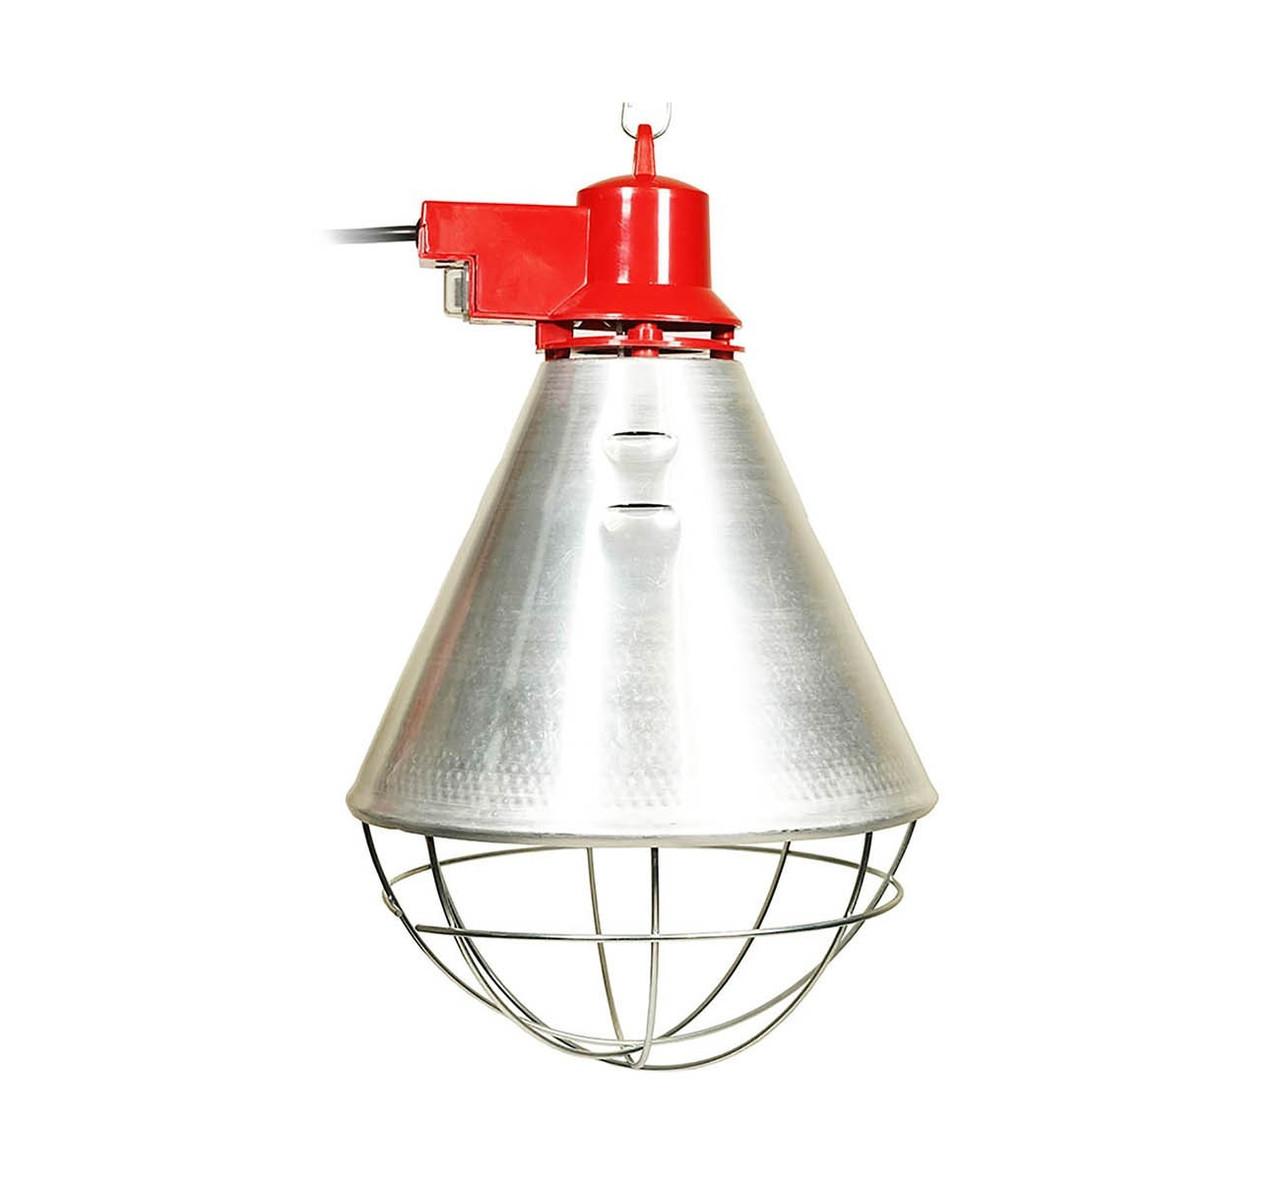 Рефлектор з галогенною лампою (абажур) Tehno MS S1014 колір алюміній